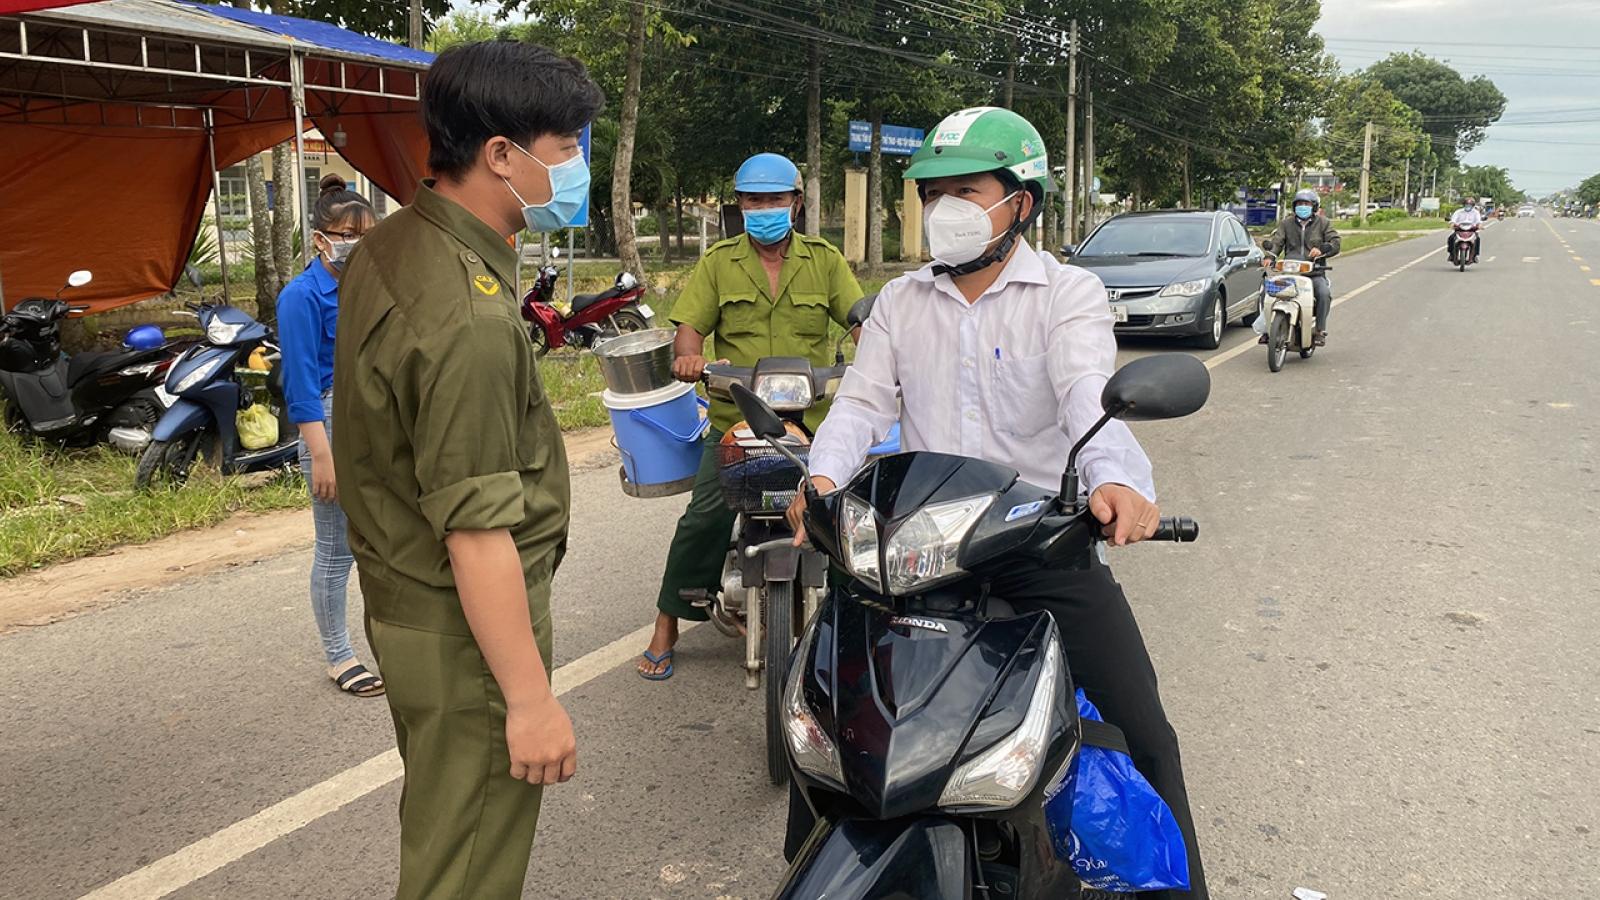 Tây Ninh xử phạt các trường hợp vi phạm thực hiện Chỉ thị 16 gần 600 triệu đồng